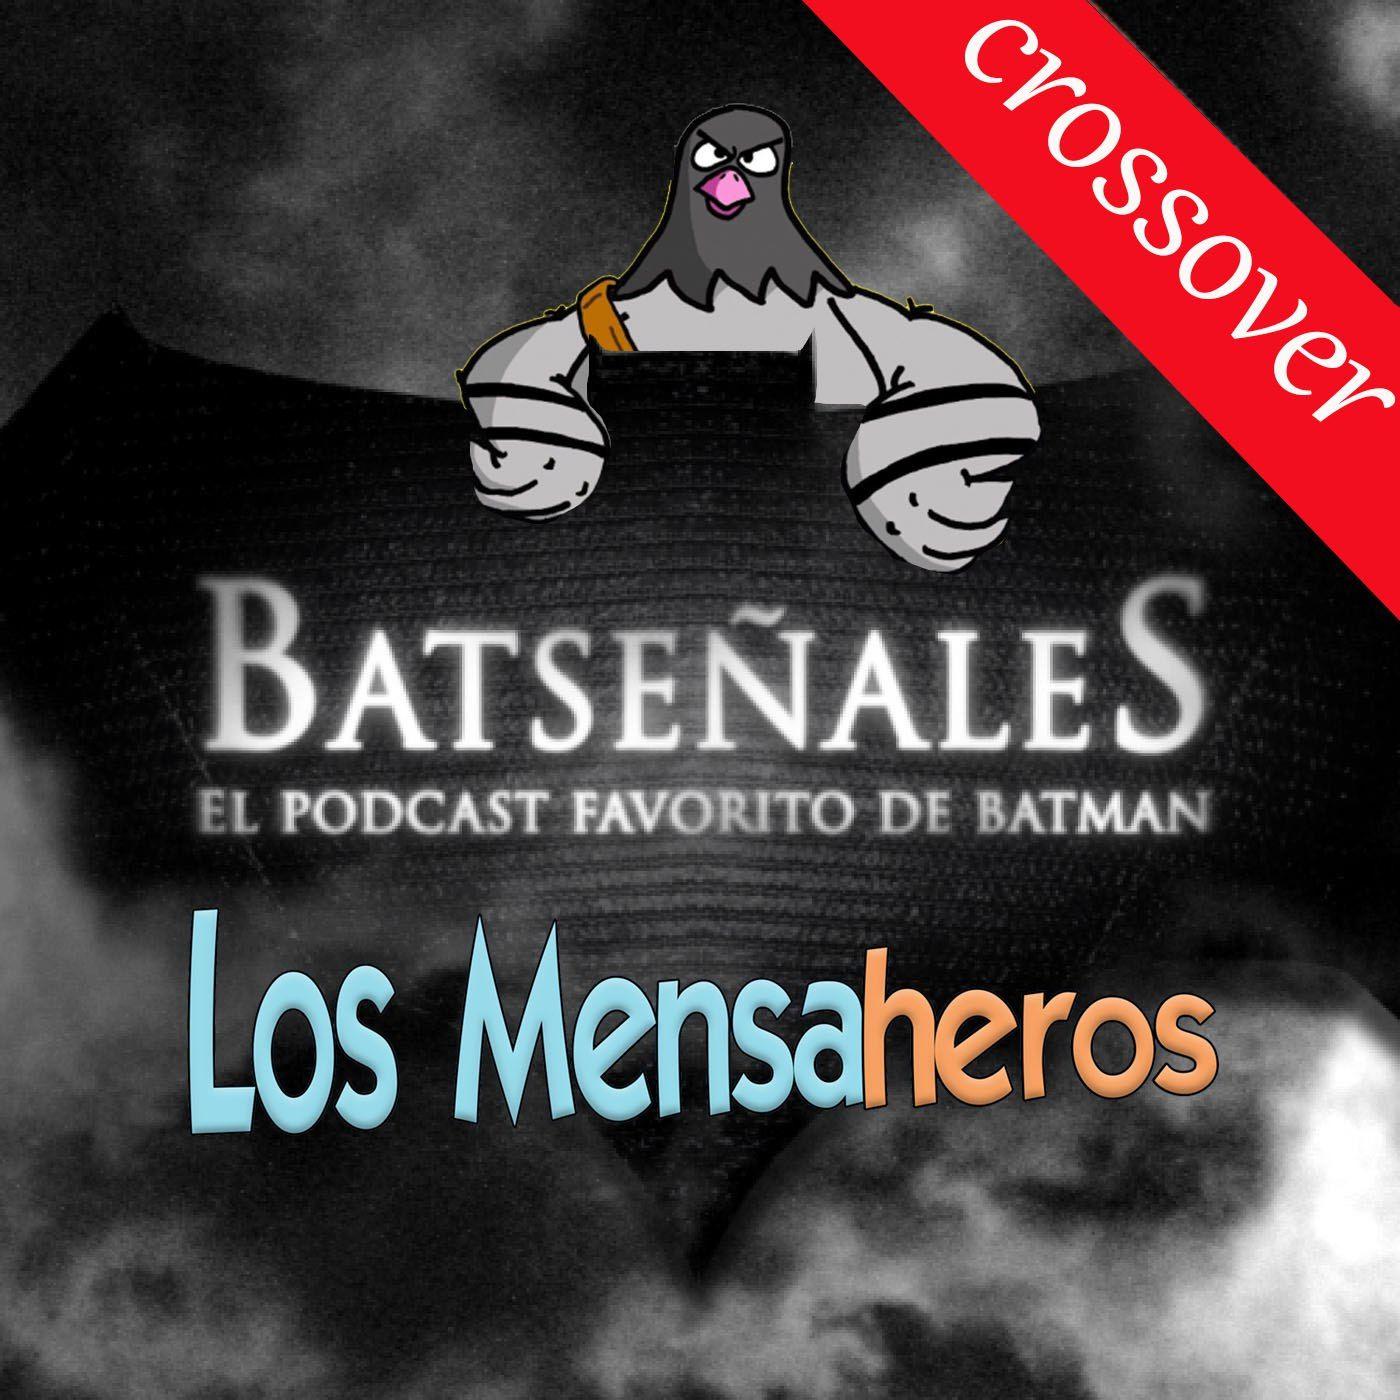 Croossover al canto- Viernes 13-9-19 a las 19h con @batseñalesPOD @losmensaheros